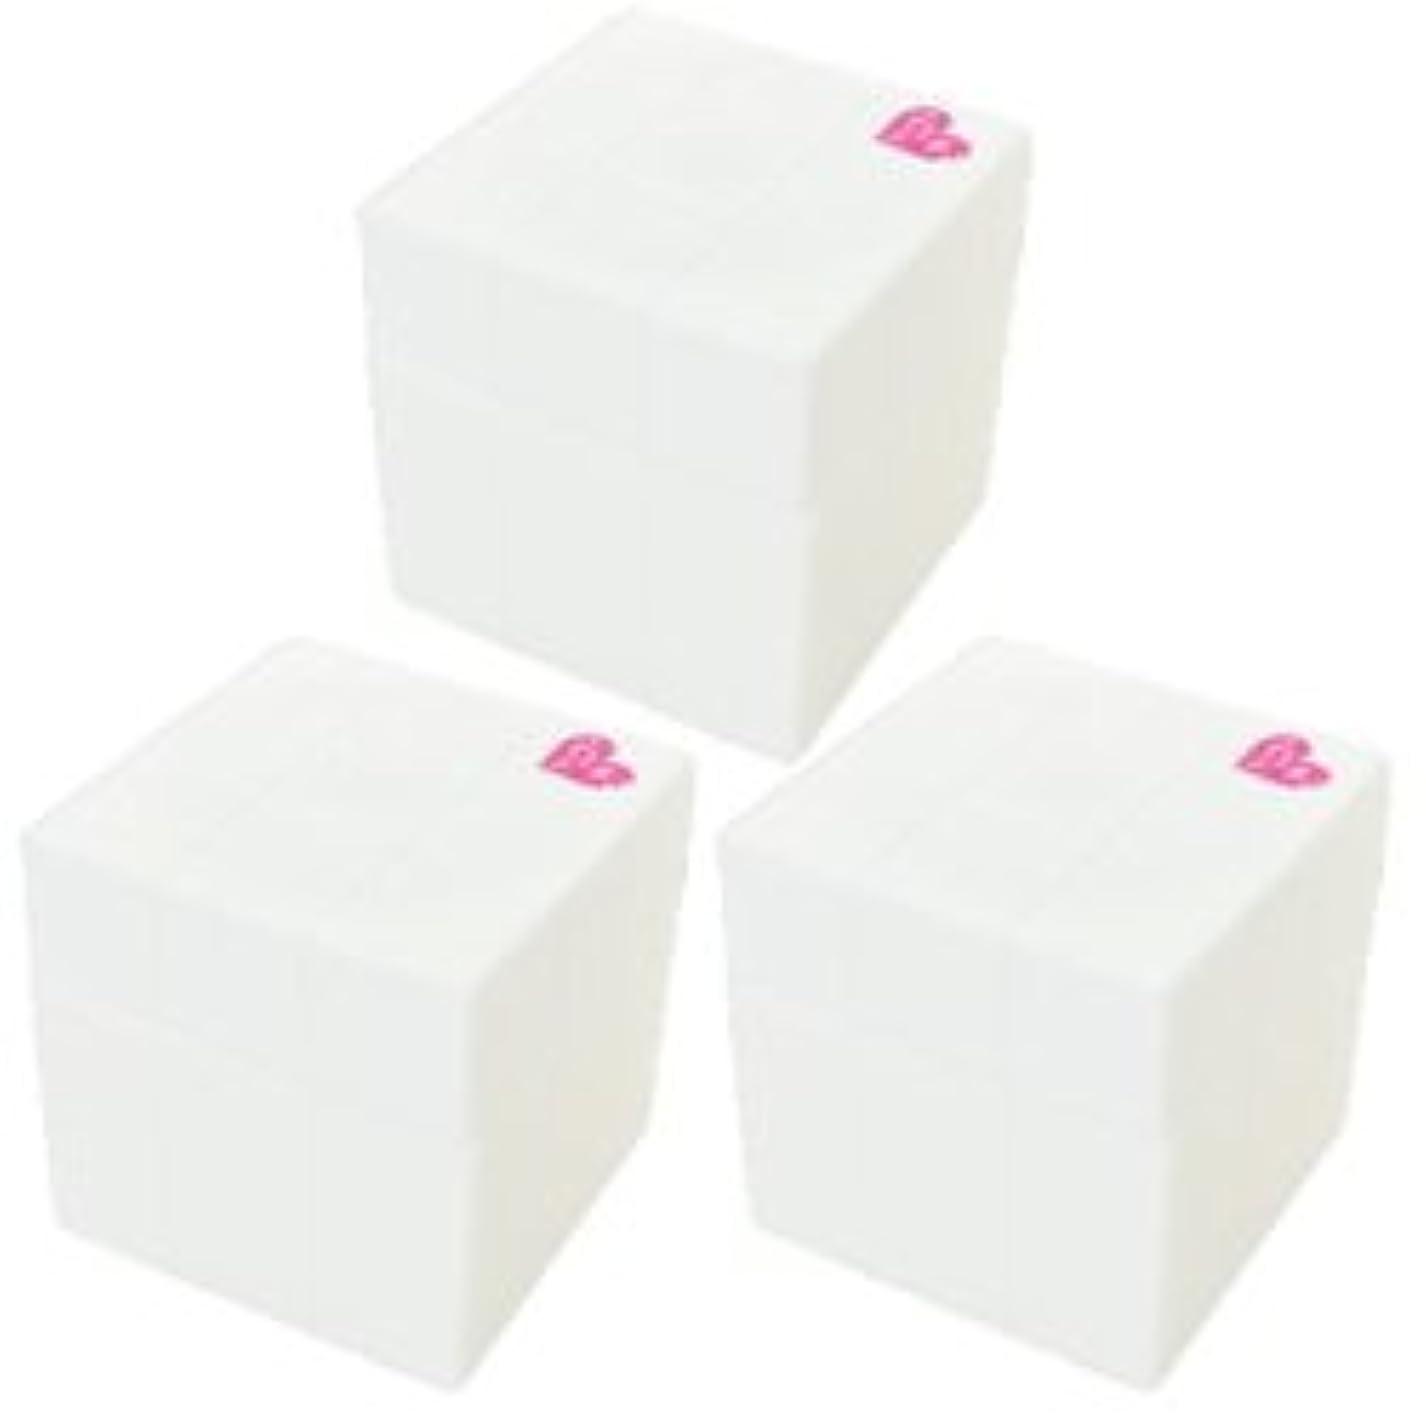 削減インシュレータラインナップアリミノ ピース グロスワックス80g(ホワイト)3個セット